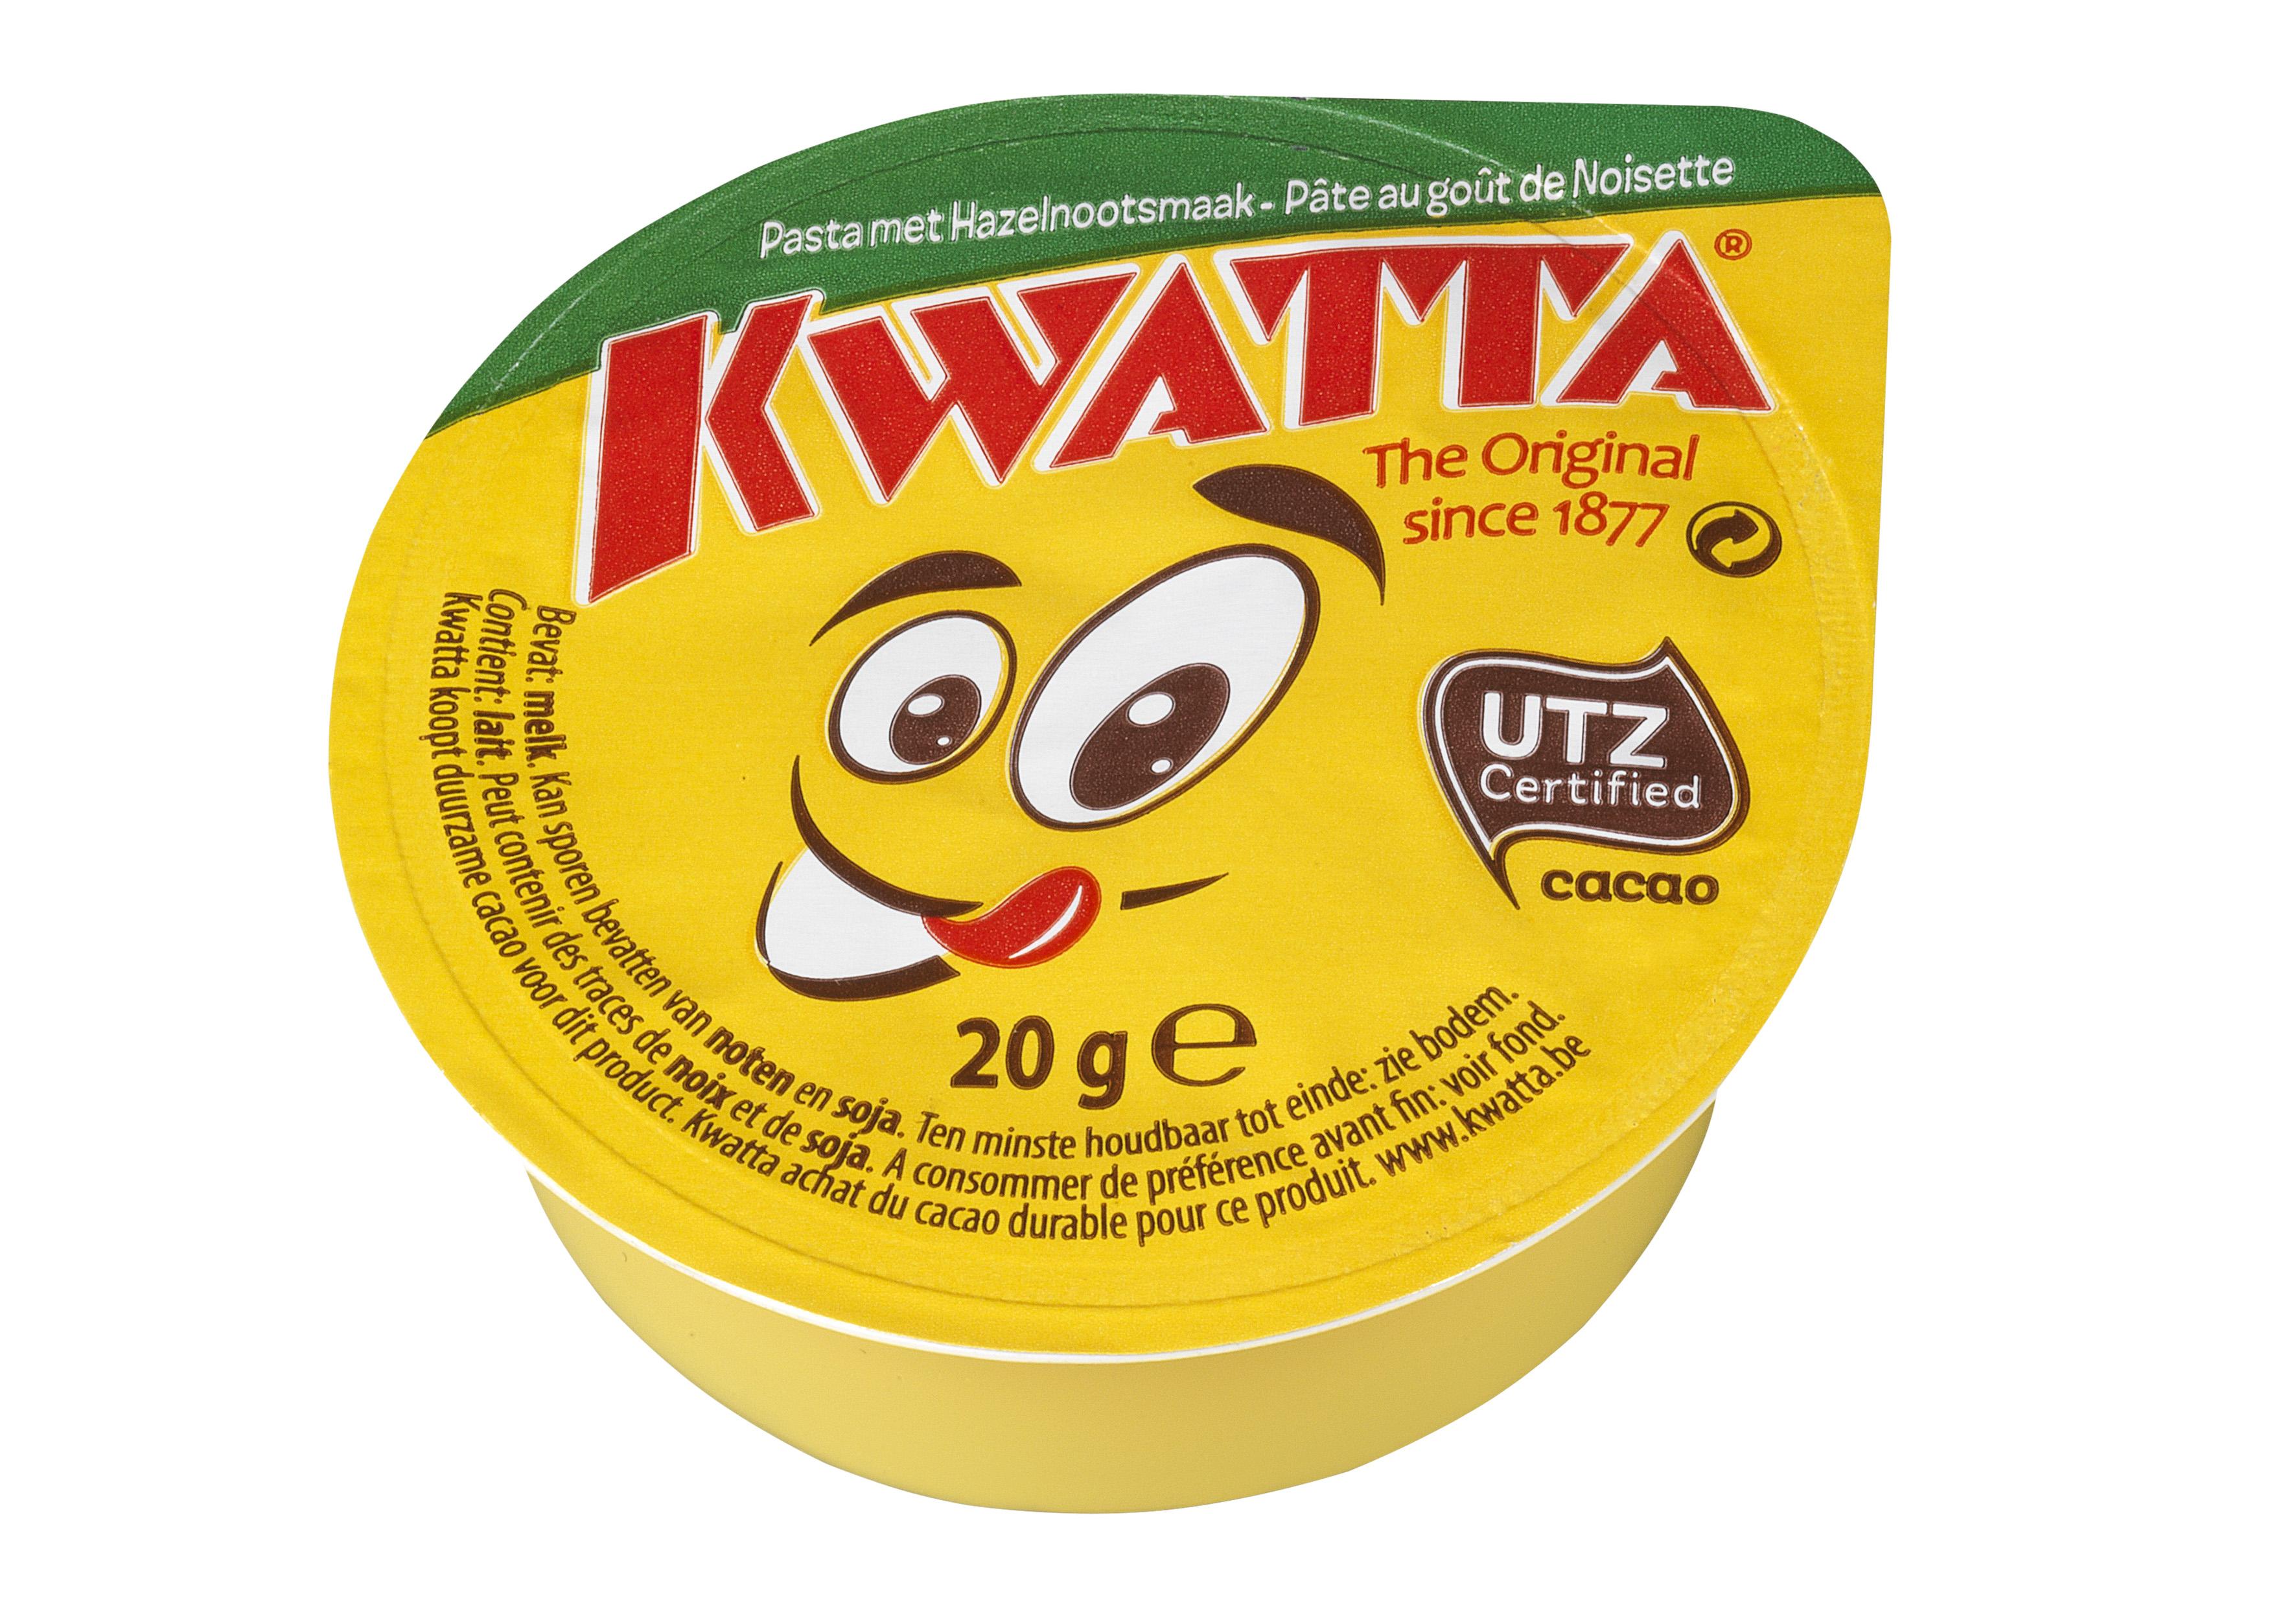 Kwatta hazelnoot chocoladepasta 20ml doosje image